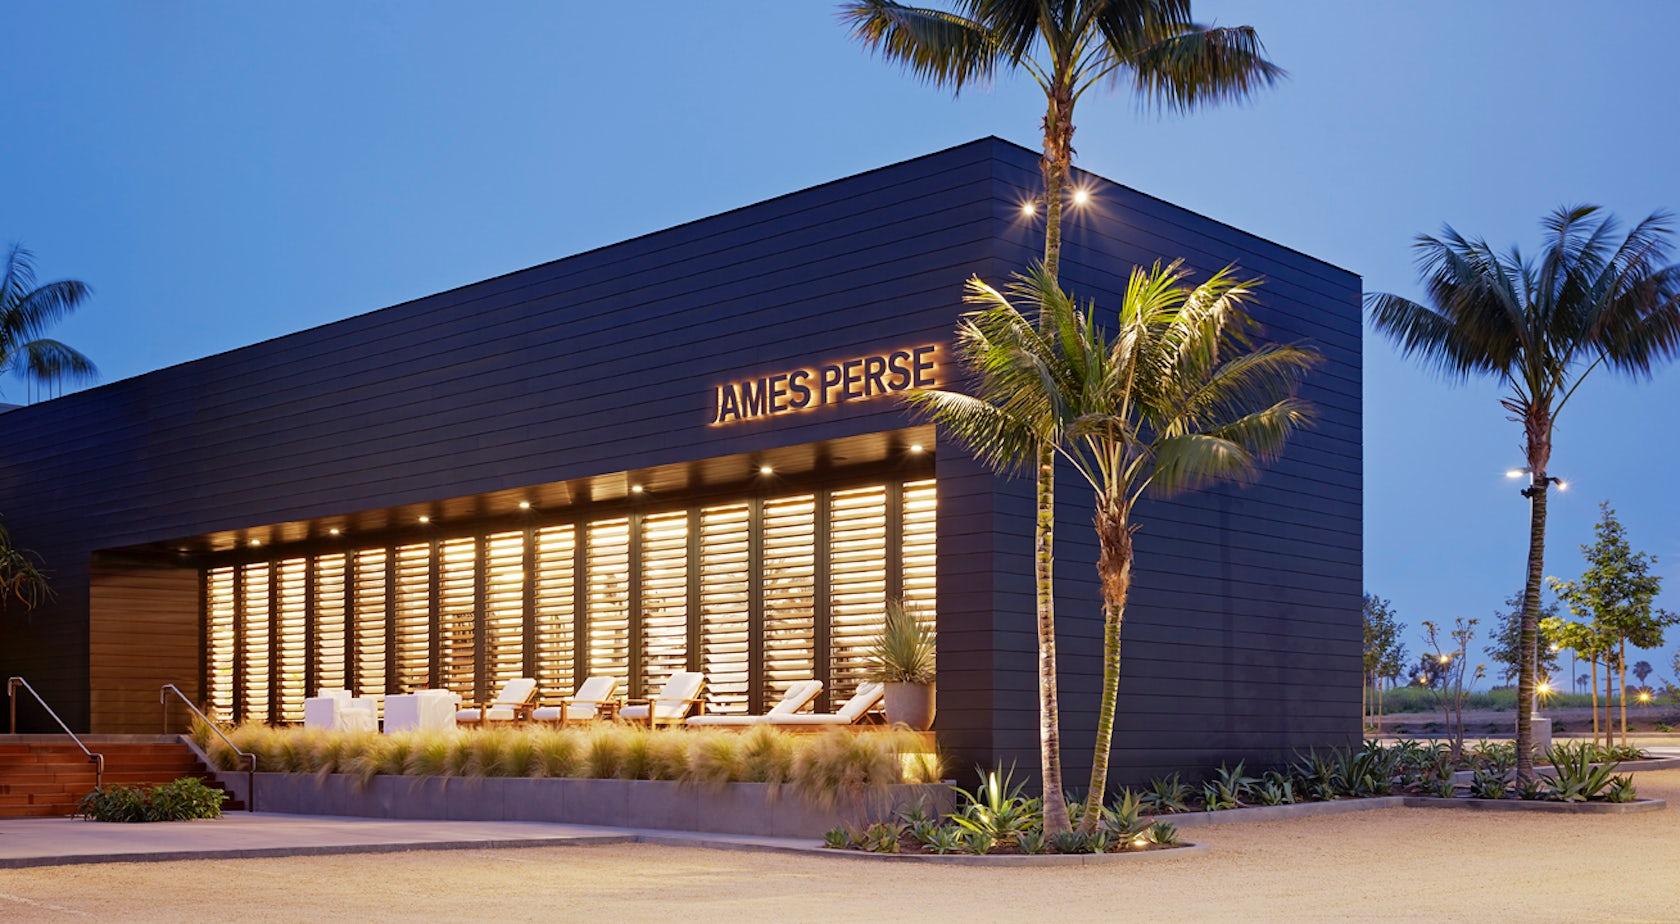 James Perse Malibu Lumber Yard Architizer